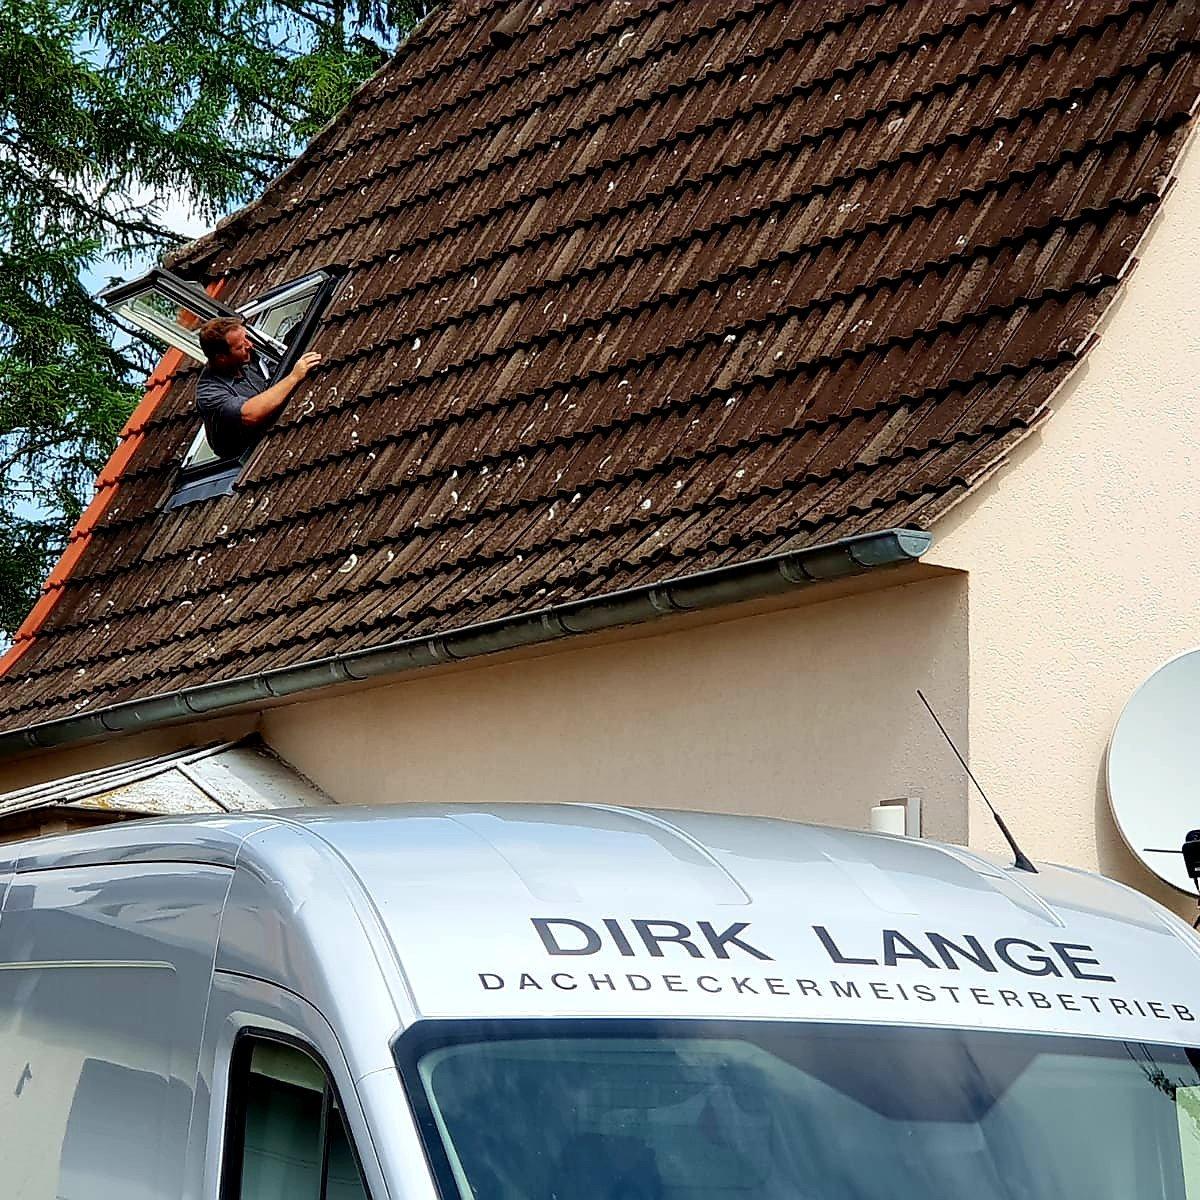 dachfenstereinbau hashtag on twitter